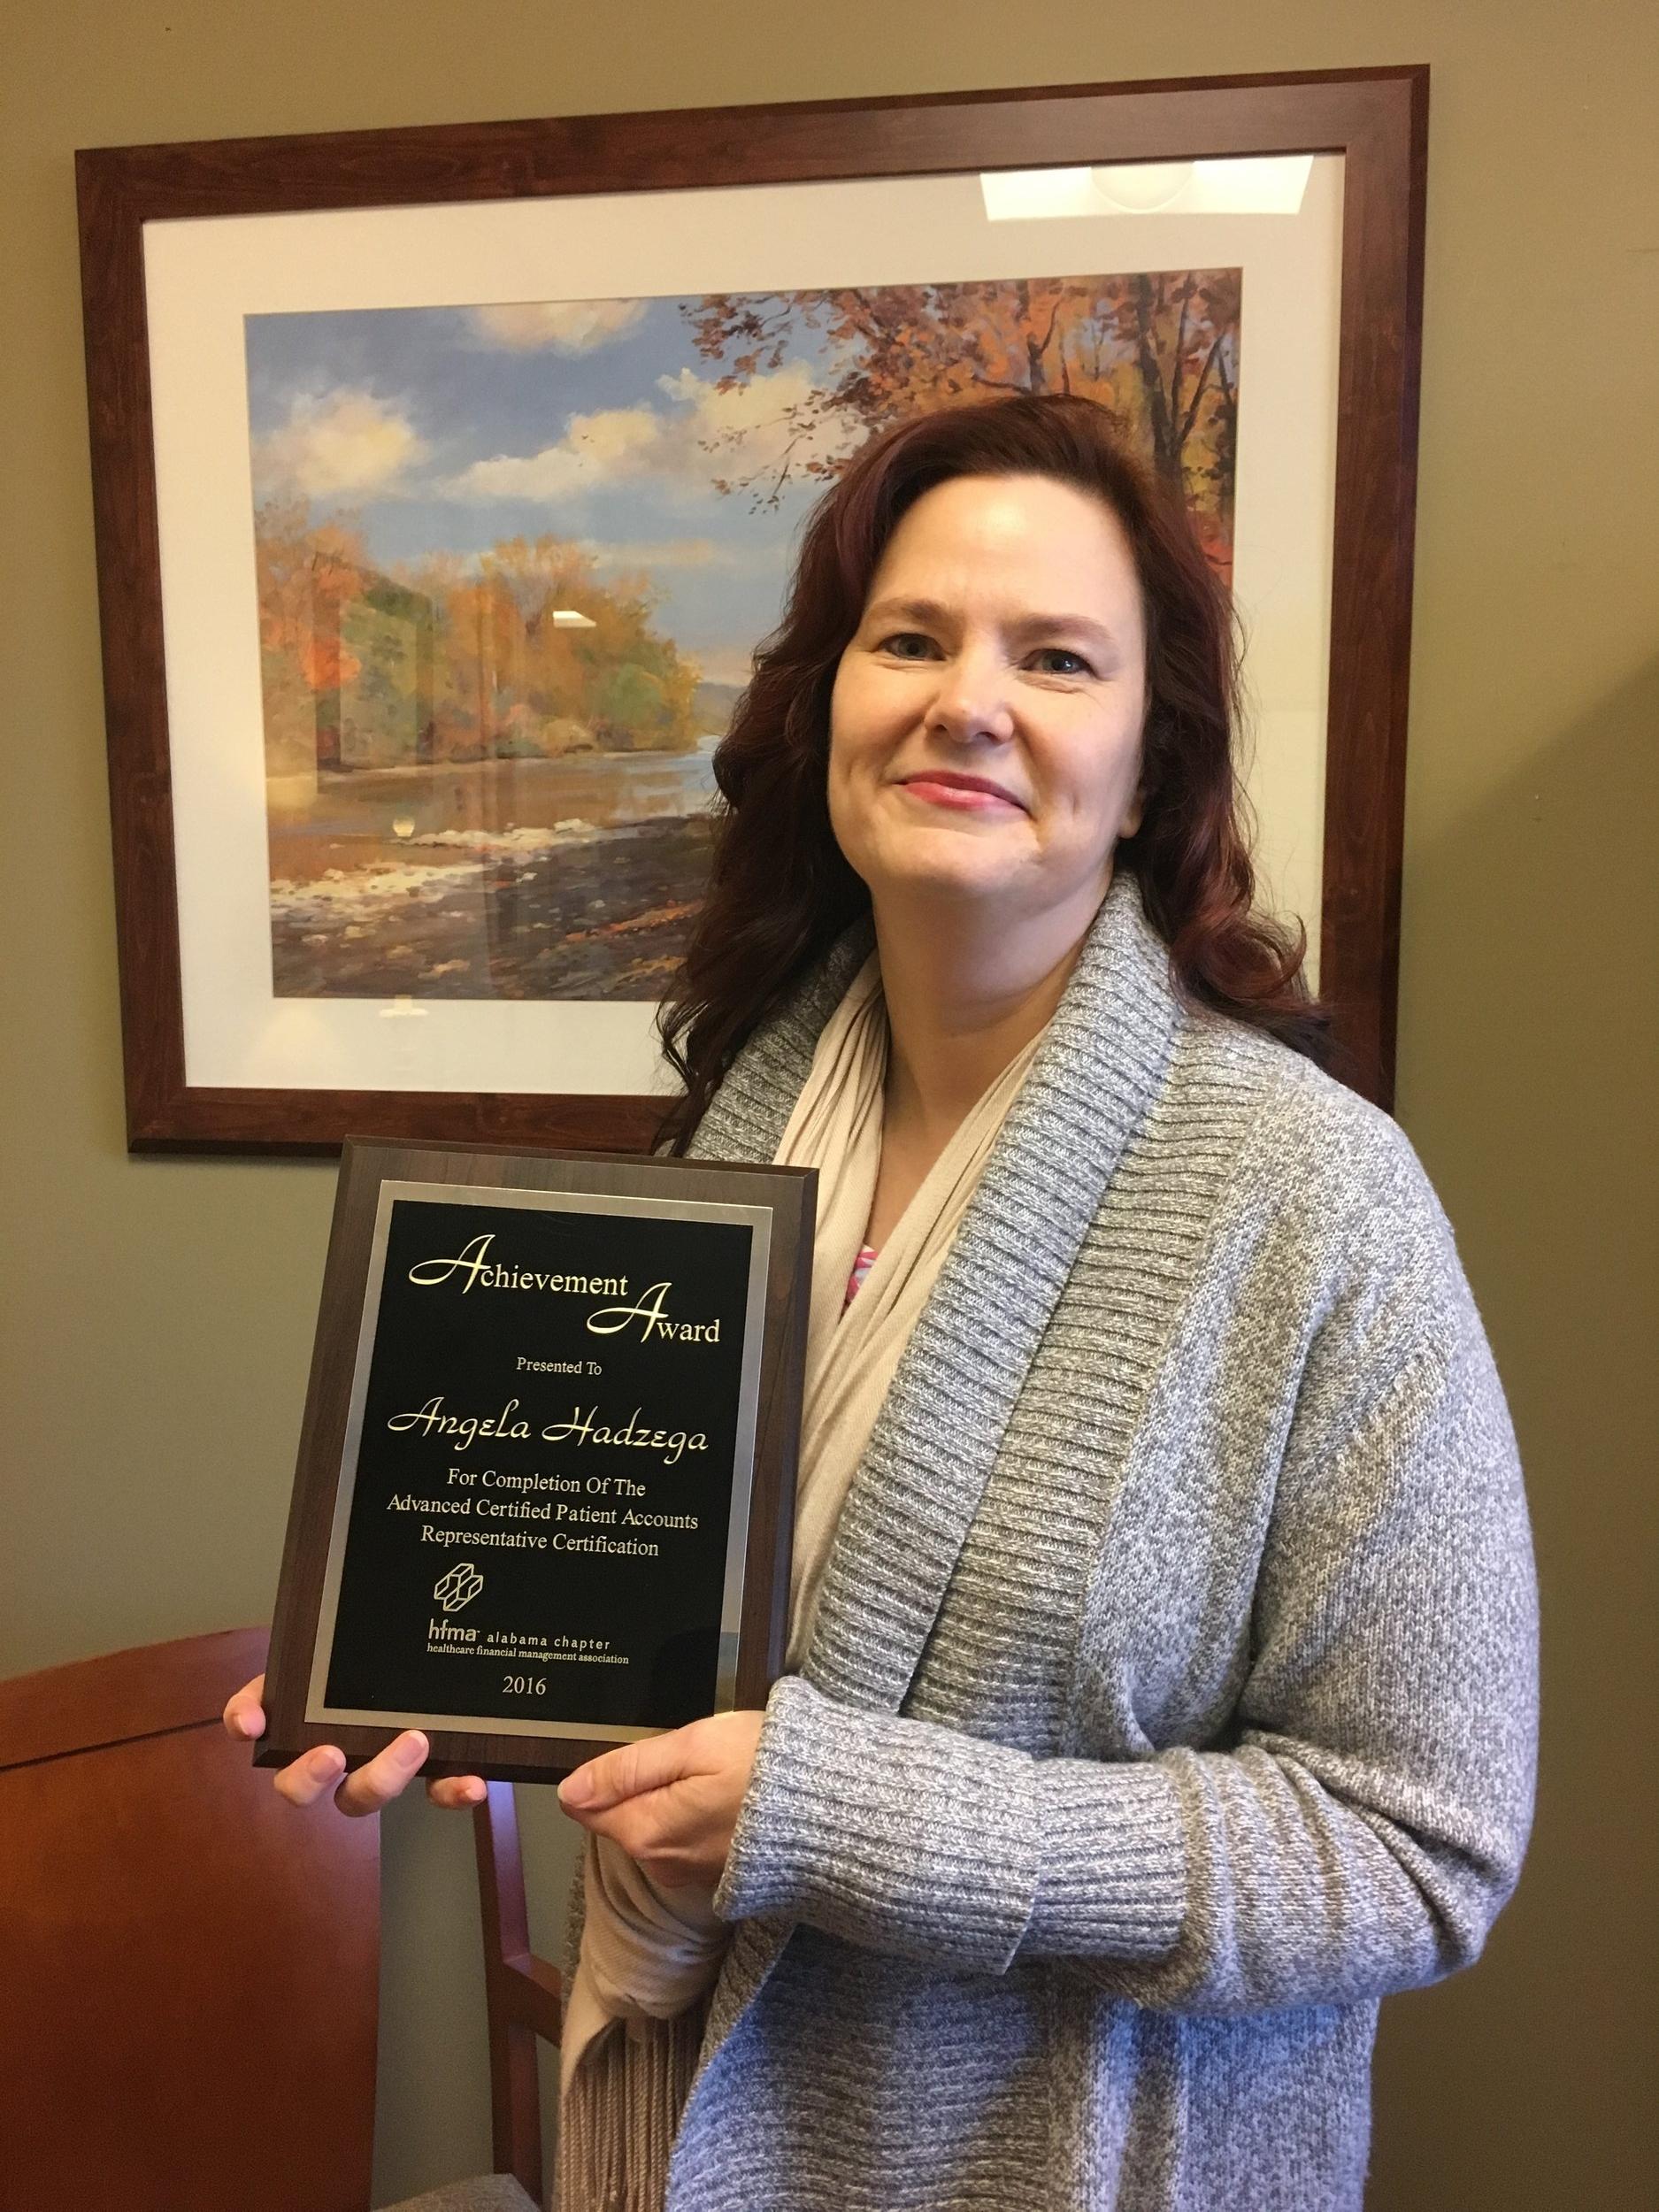 Angela Shelton, CFO at Jack Hughston Memorial Hospital earned her Advanced CPAR in 2016.